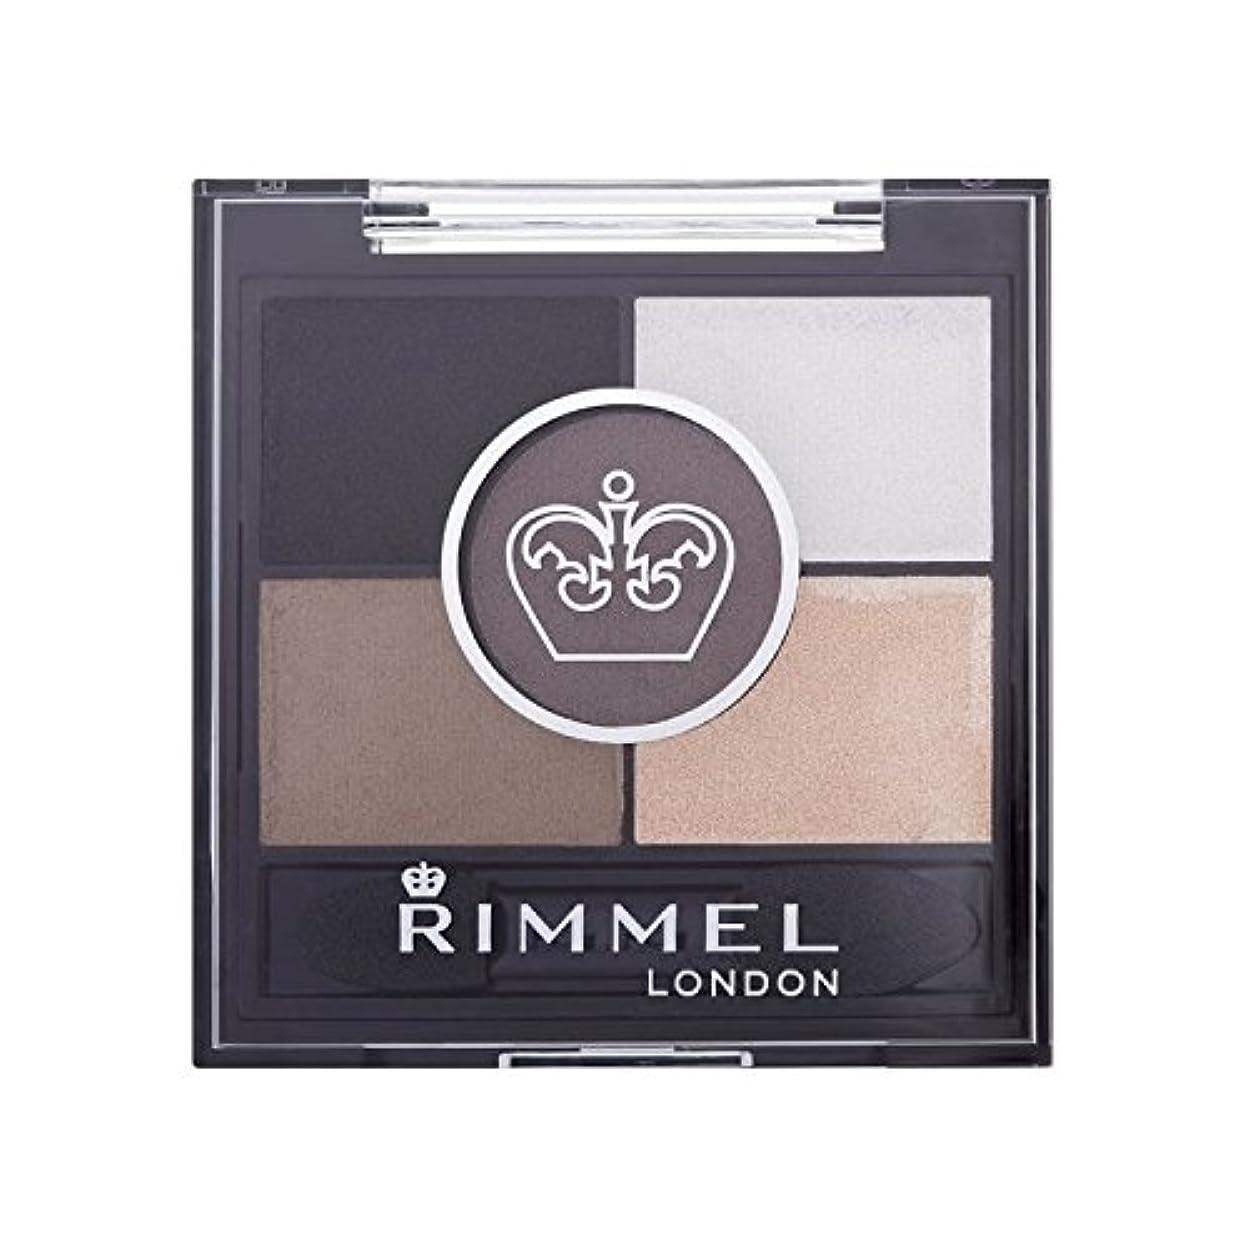 舌評決スキムリンメル5パンアイシャドウ霧グレー x4 - Rimmel 5 Pan Eyeshadow Foggy Grey (Pack of 4) [並行輸入品]